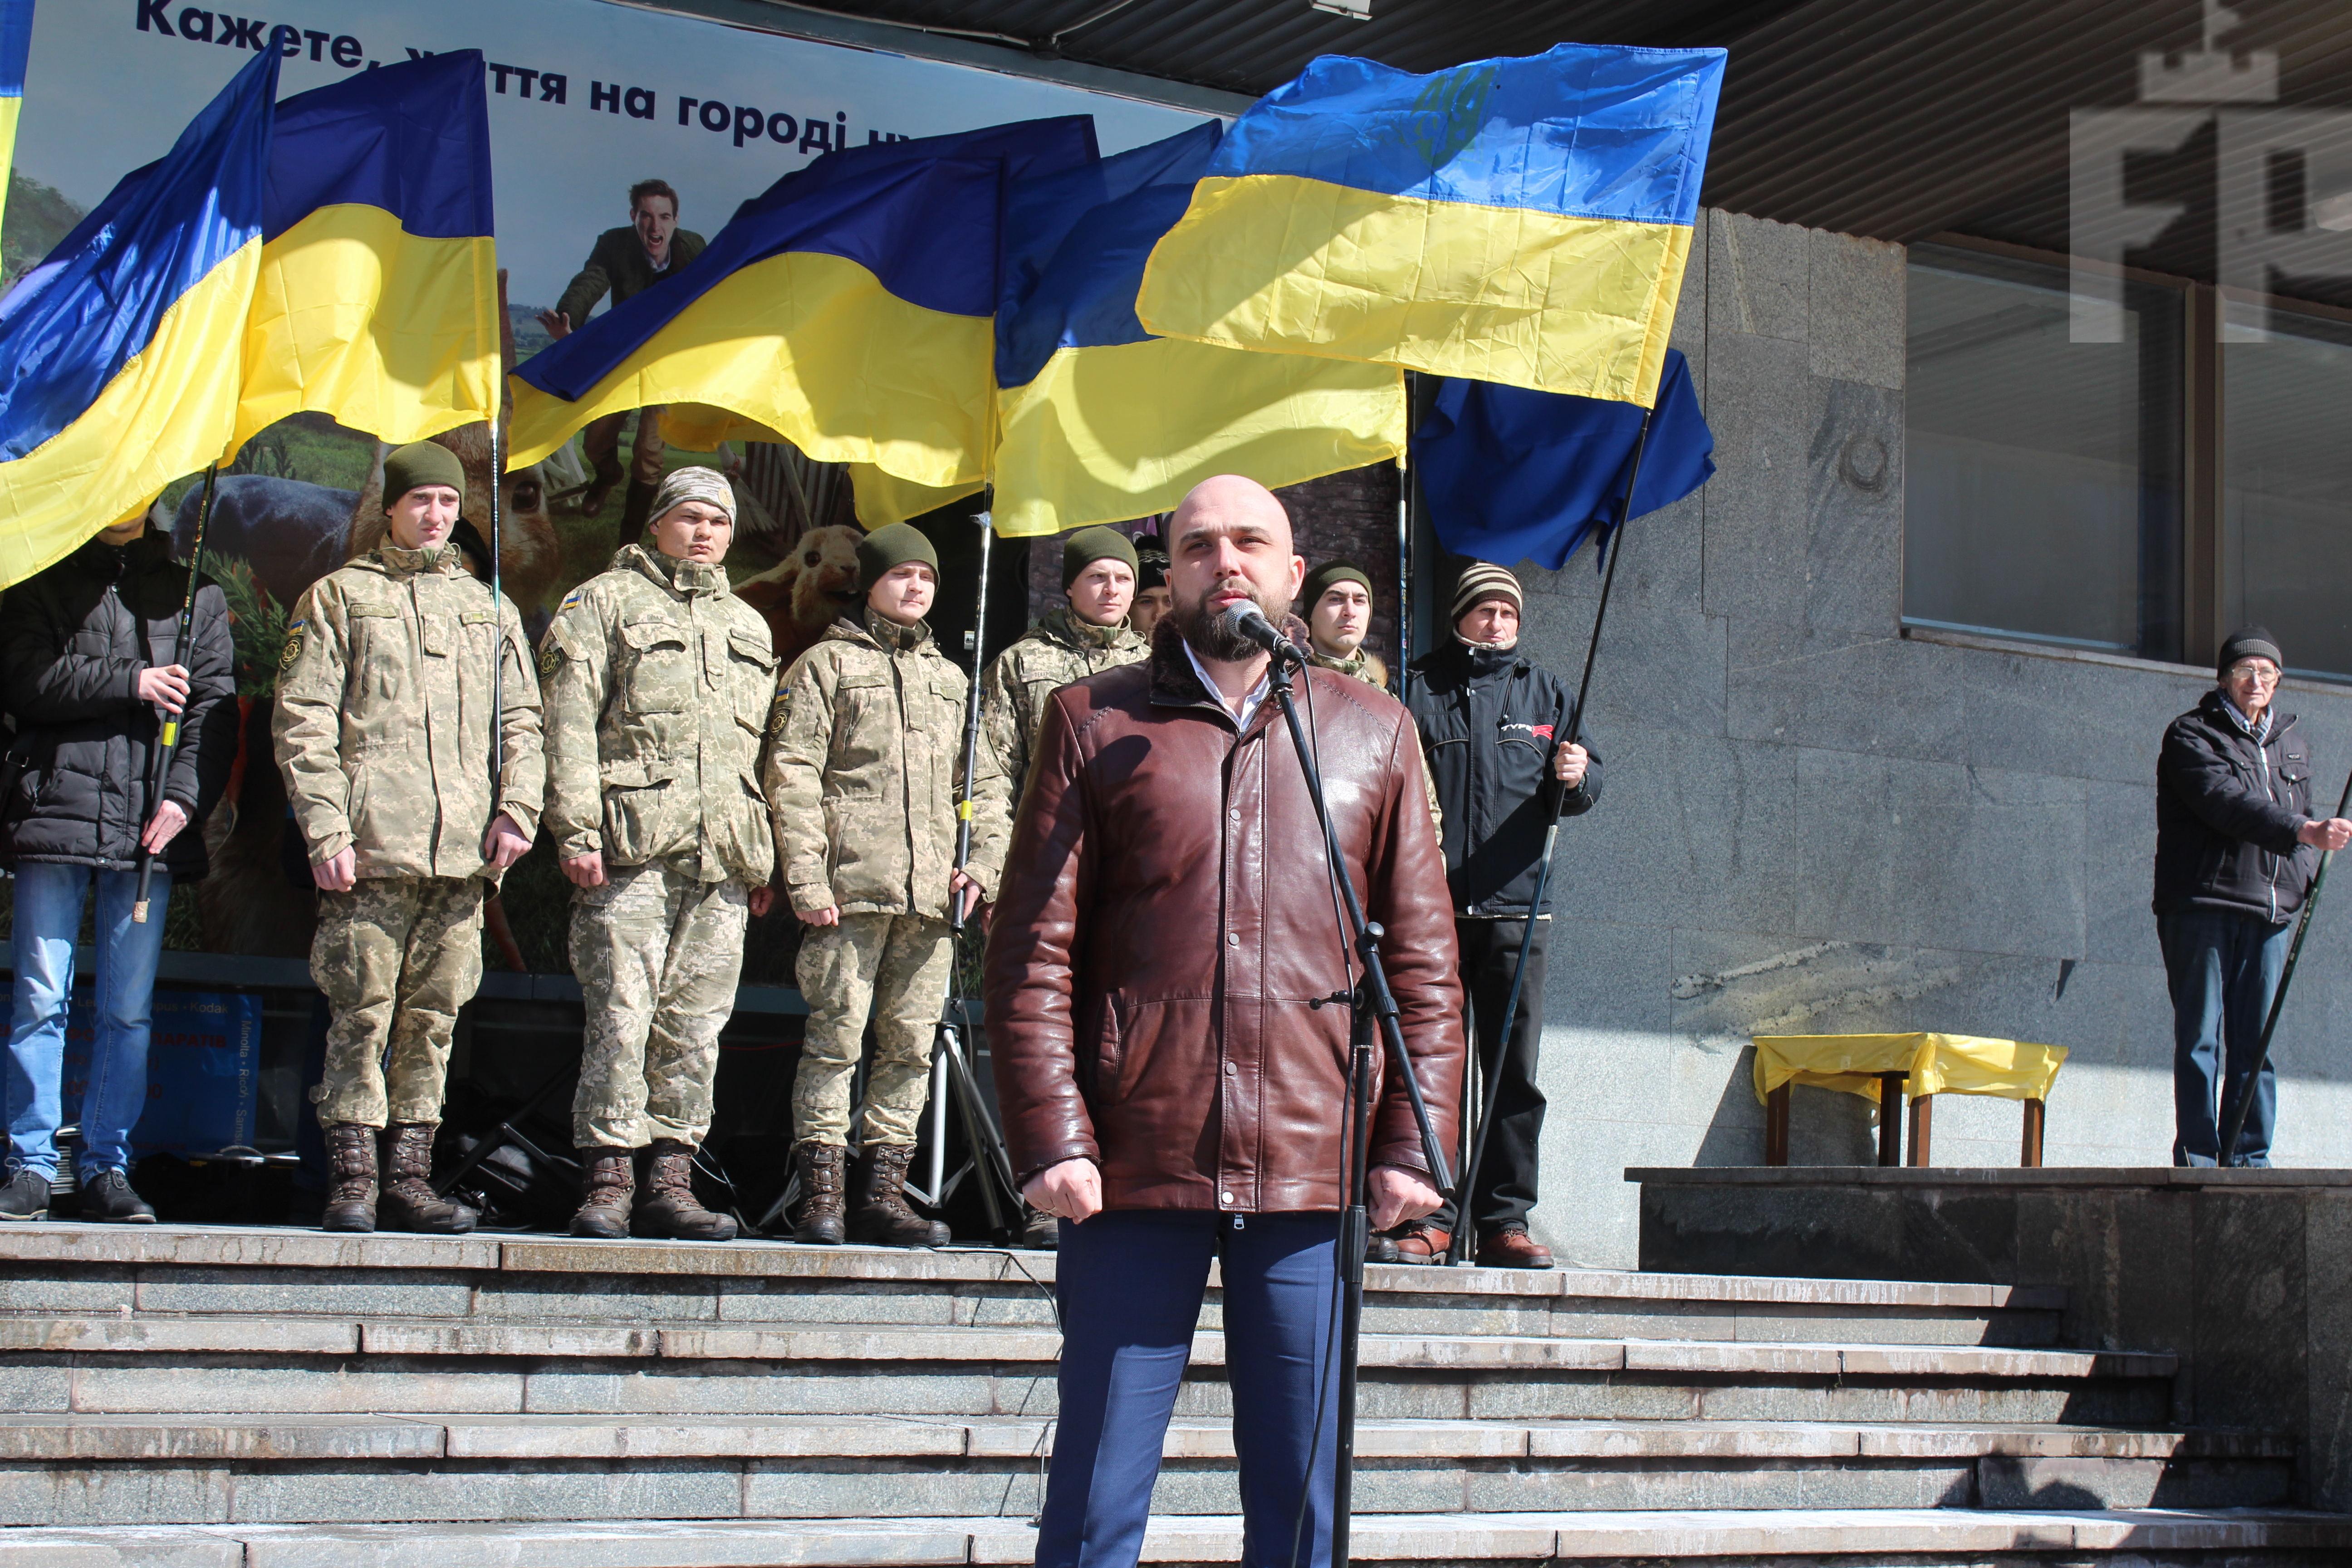 Запорожский политик рассказал, почему в городе решили увековечить память Героя Украины